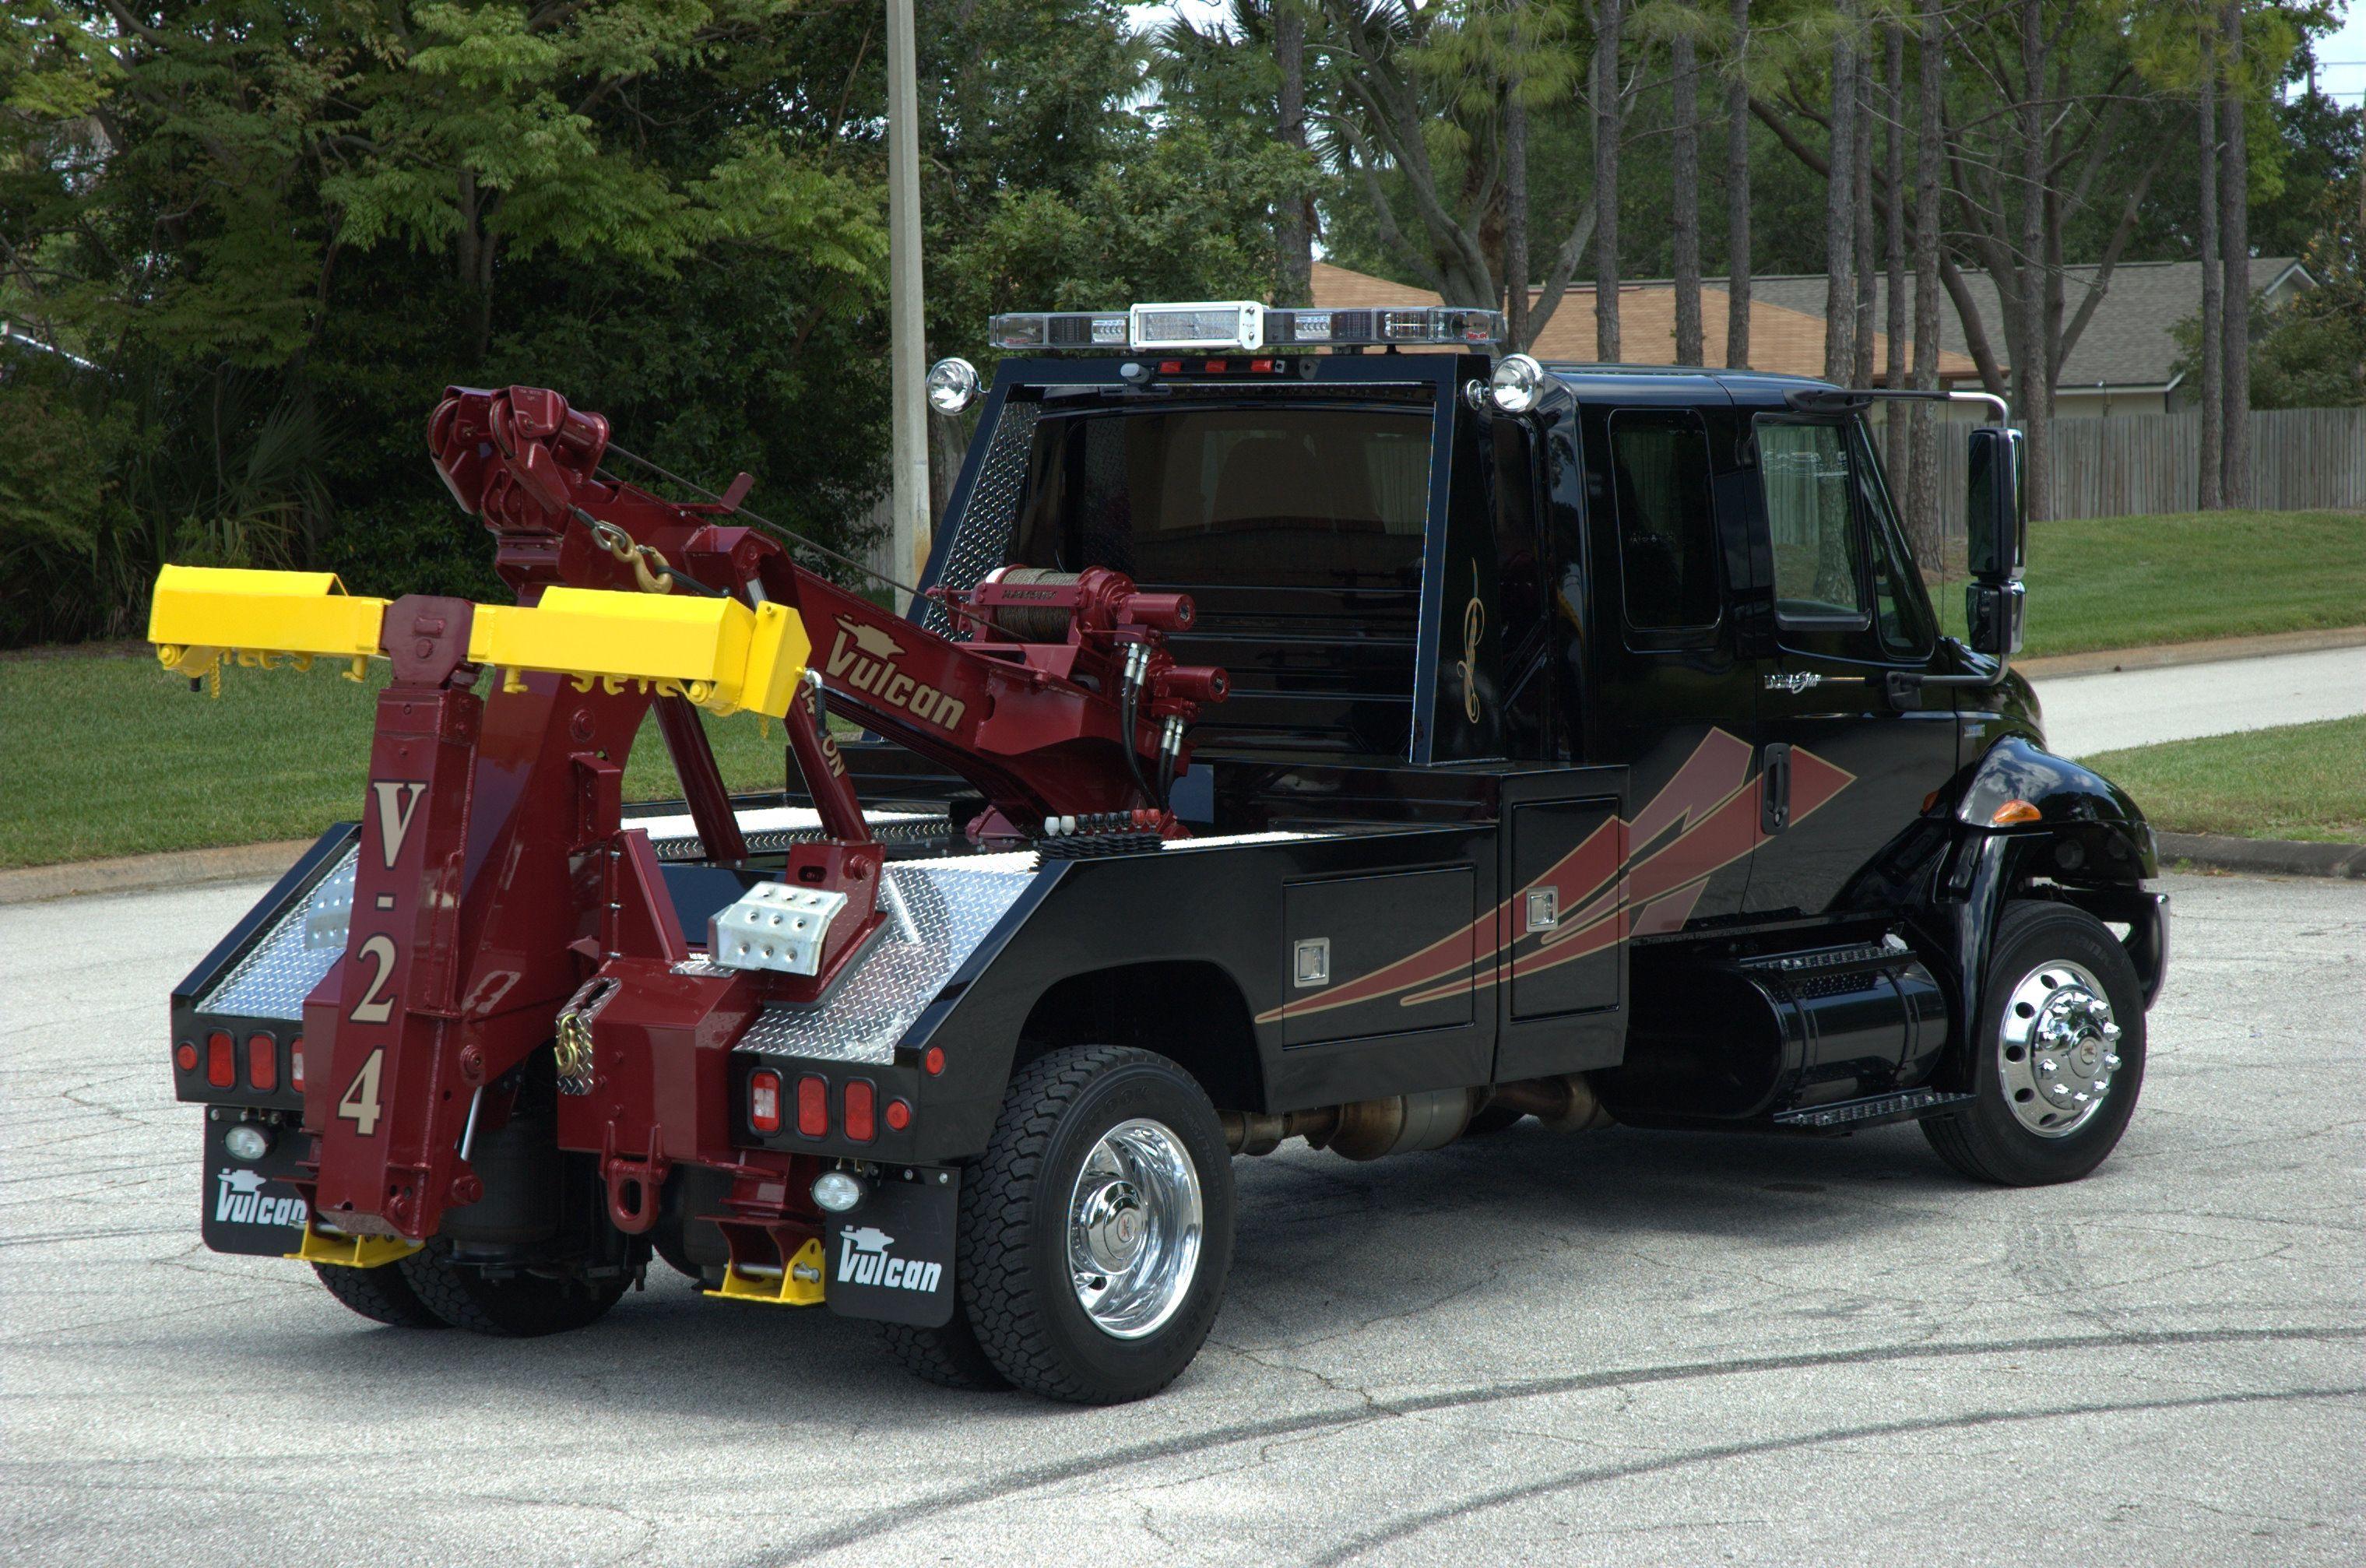 Wreckers Ltd Tow Truck International Truck mechanic